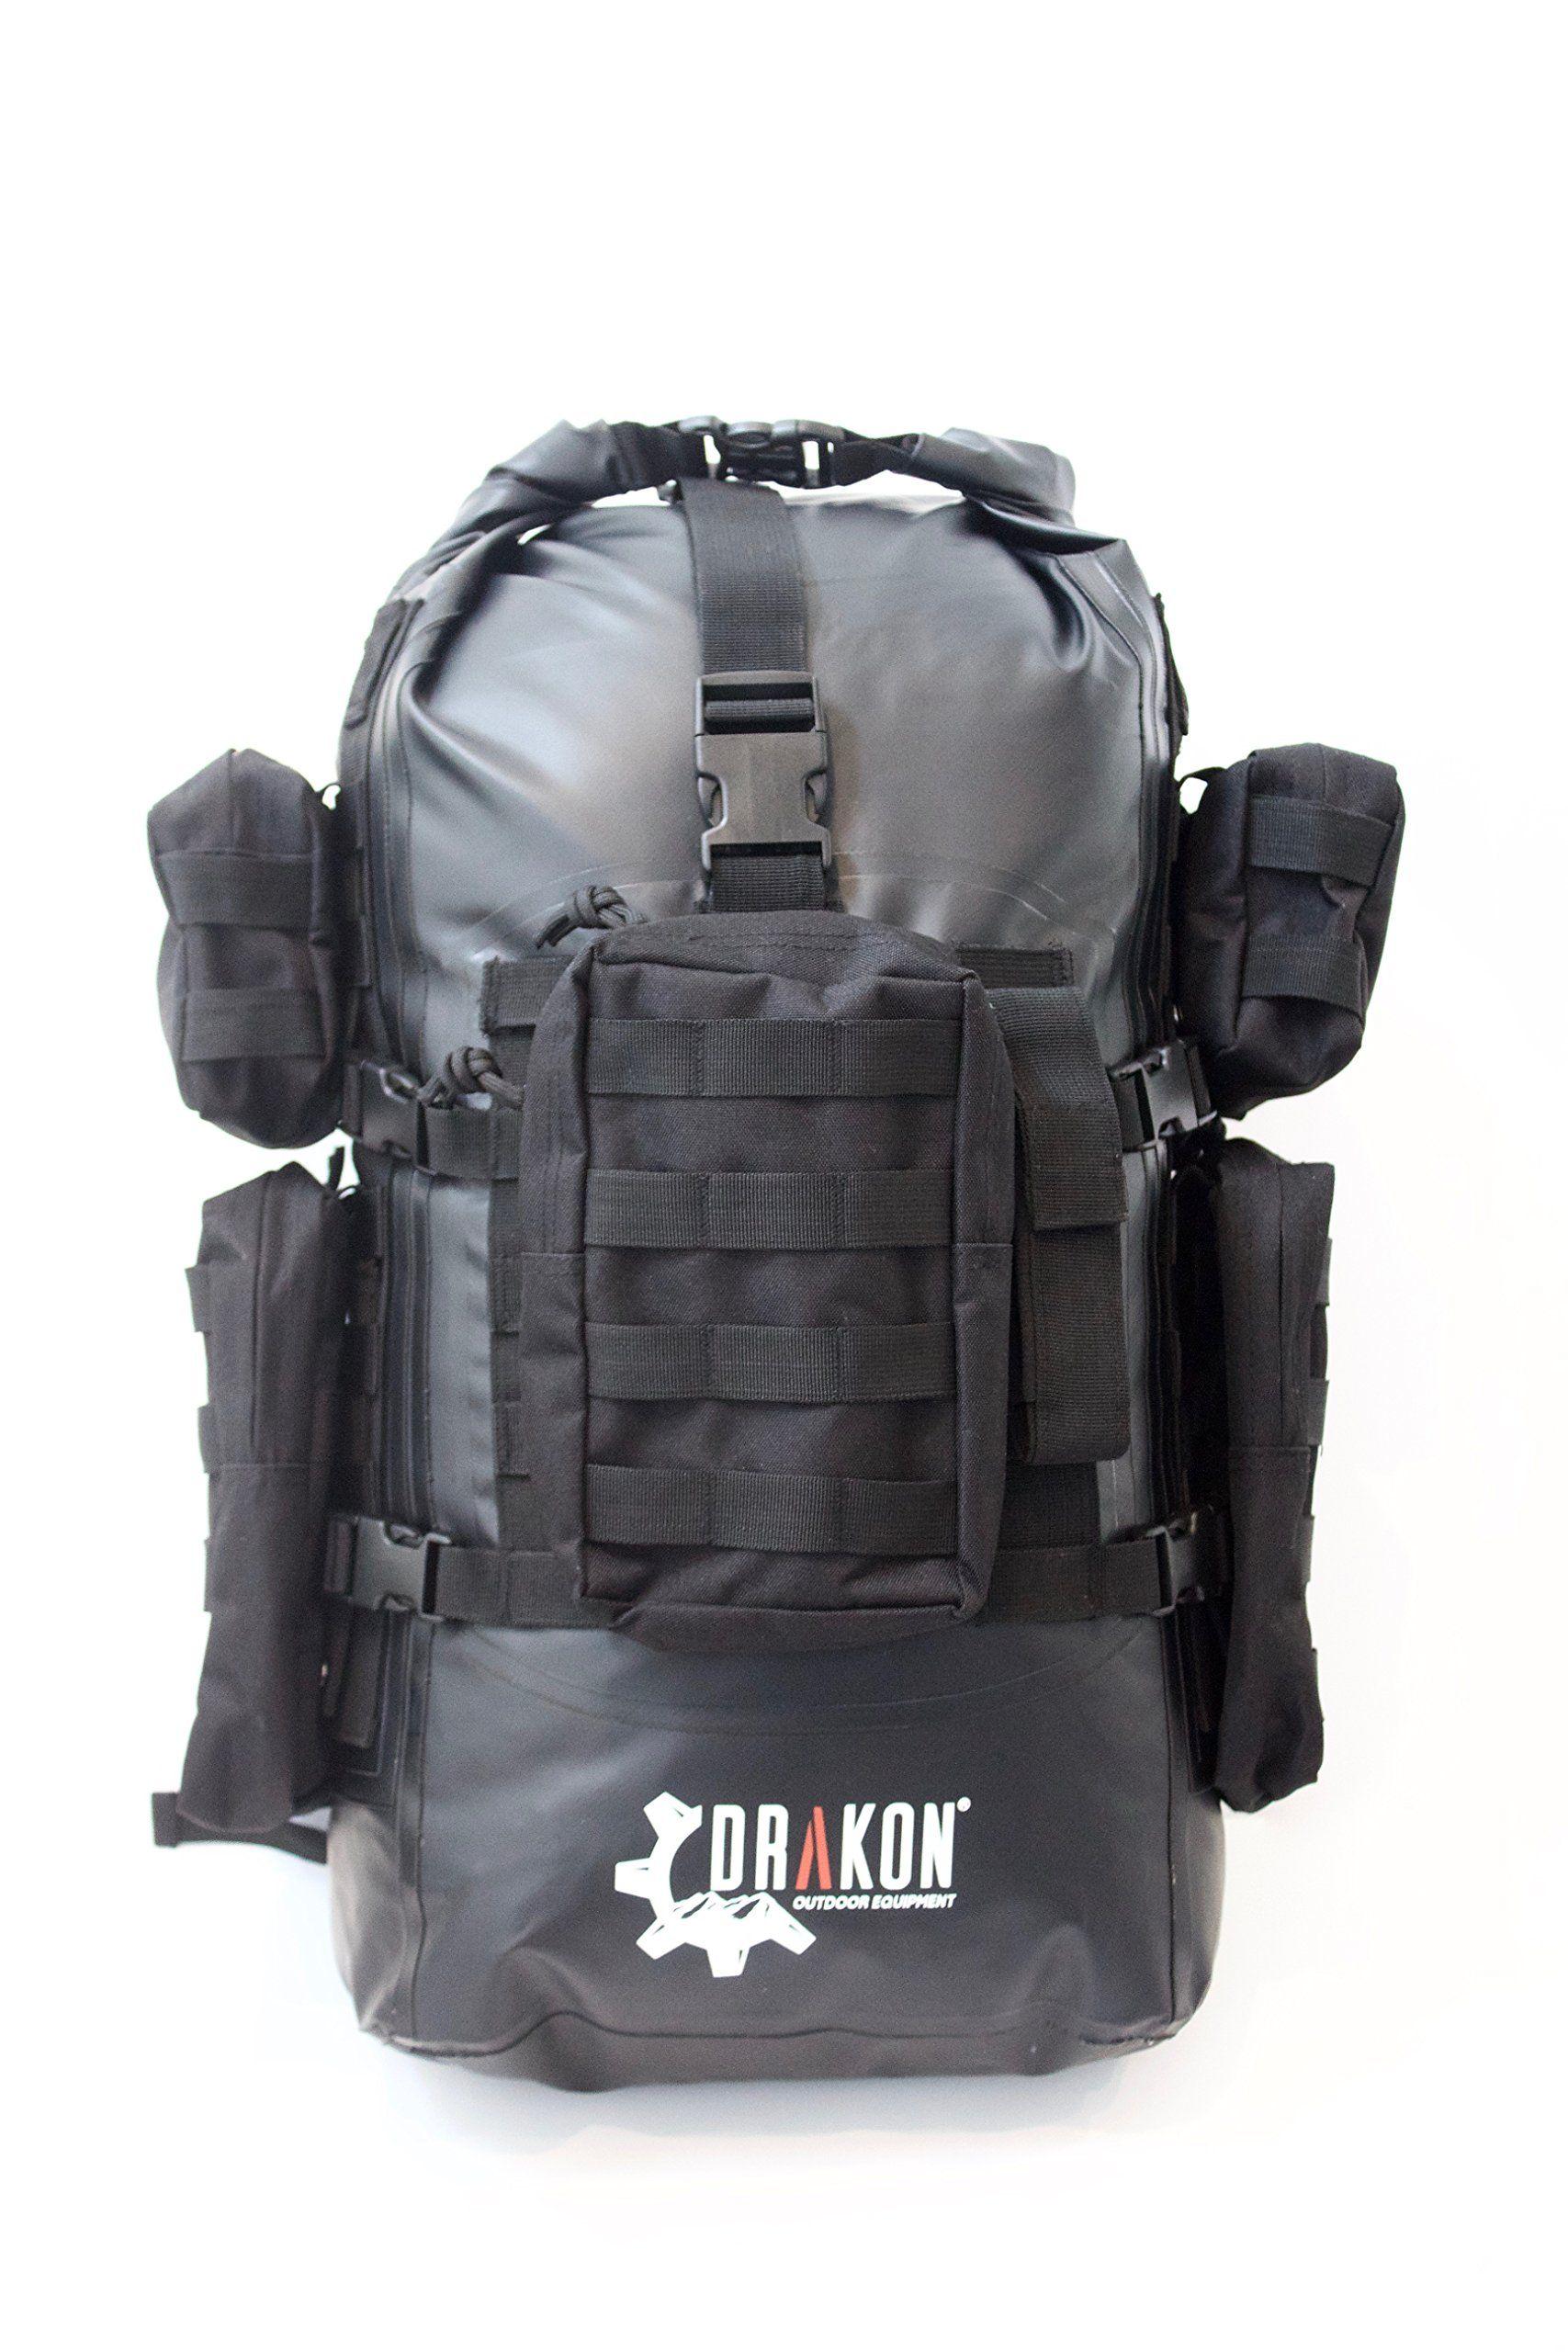 Survival backpack, Drakon, 40L, go bag, backpack, dry bag, bug out ...